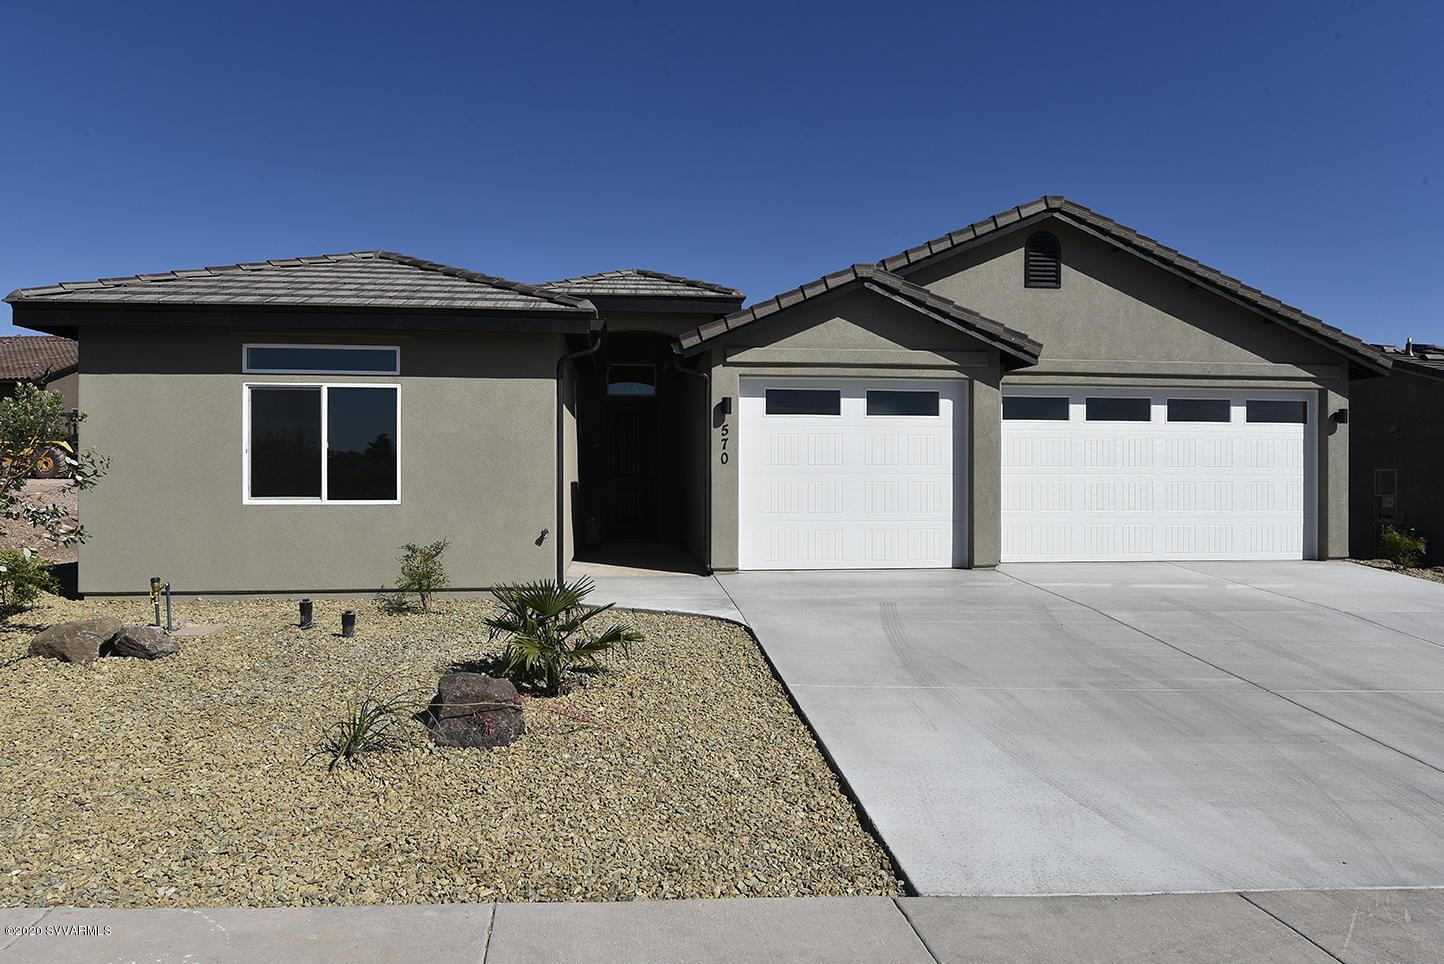 570 Skyline Blvd Clarkdale, AZ 86324